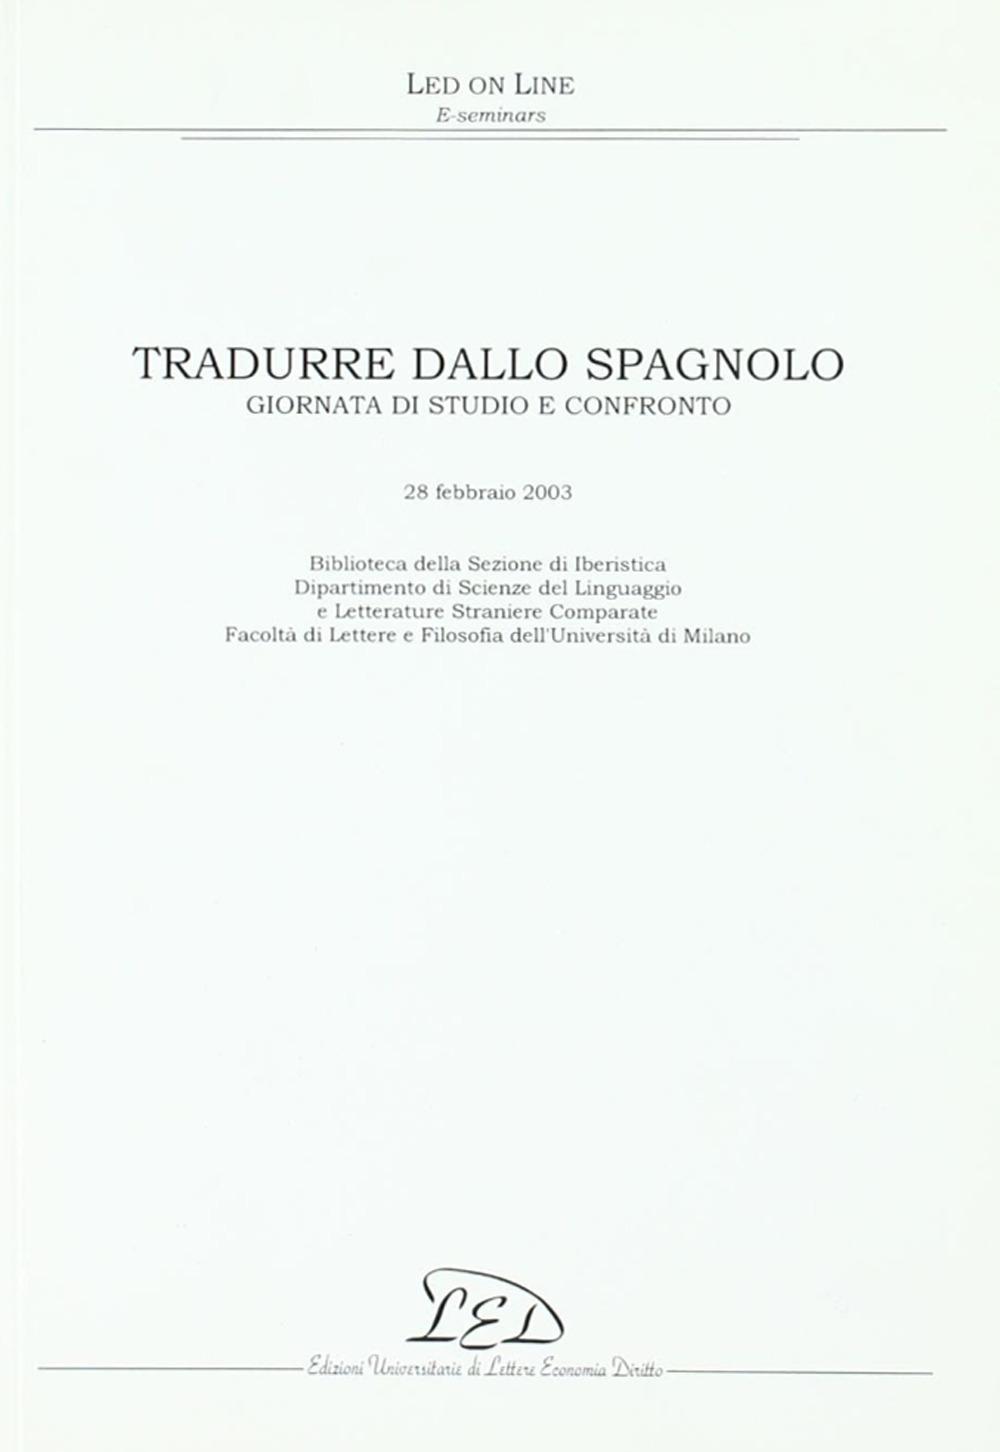 Tradurre dallo spagnolo. Giornata di studio e confronto (28 febbraio 2003)